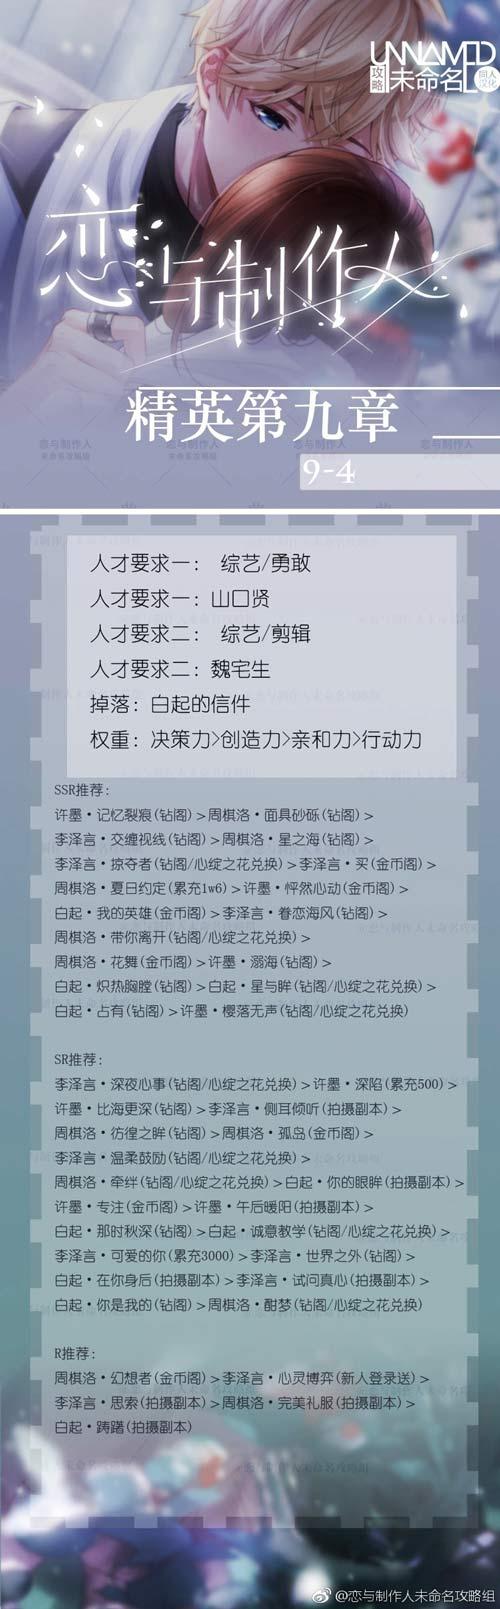 恋与制作人精英9-4关怎么过 精英第九章攻略